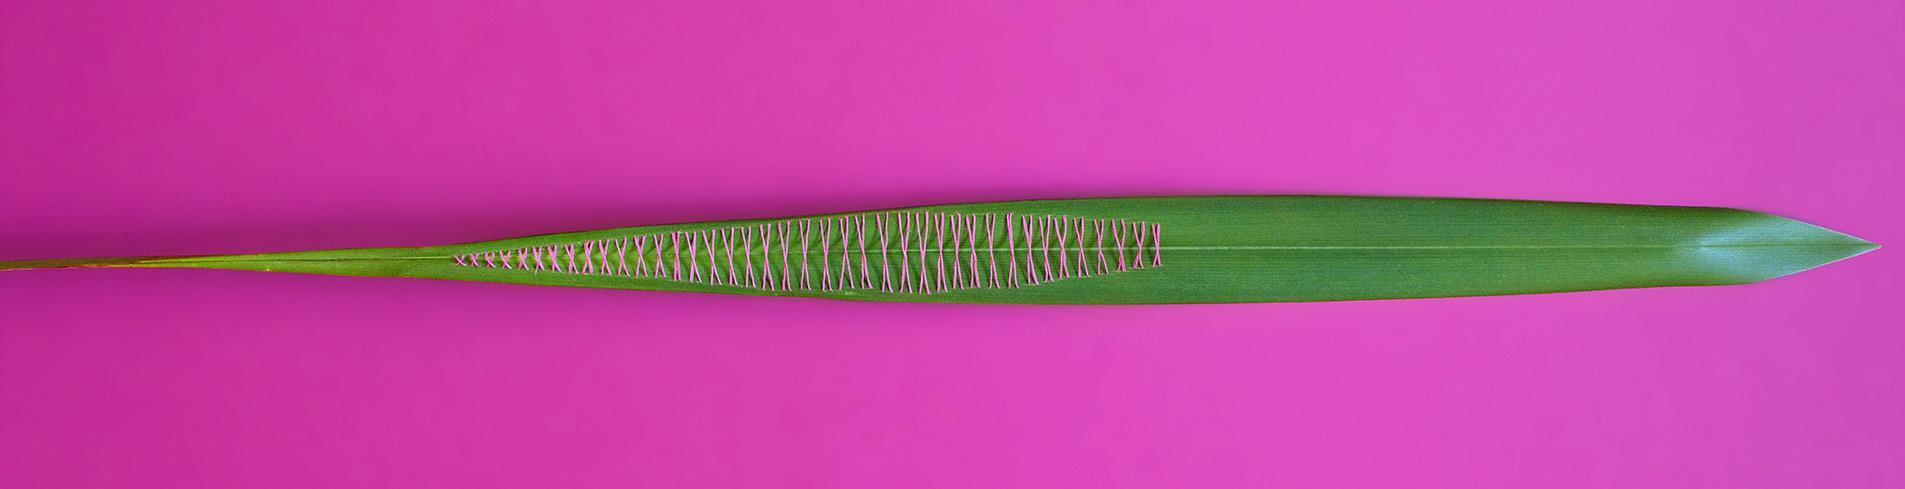 Pink_Intervention_Serie#2.jpg